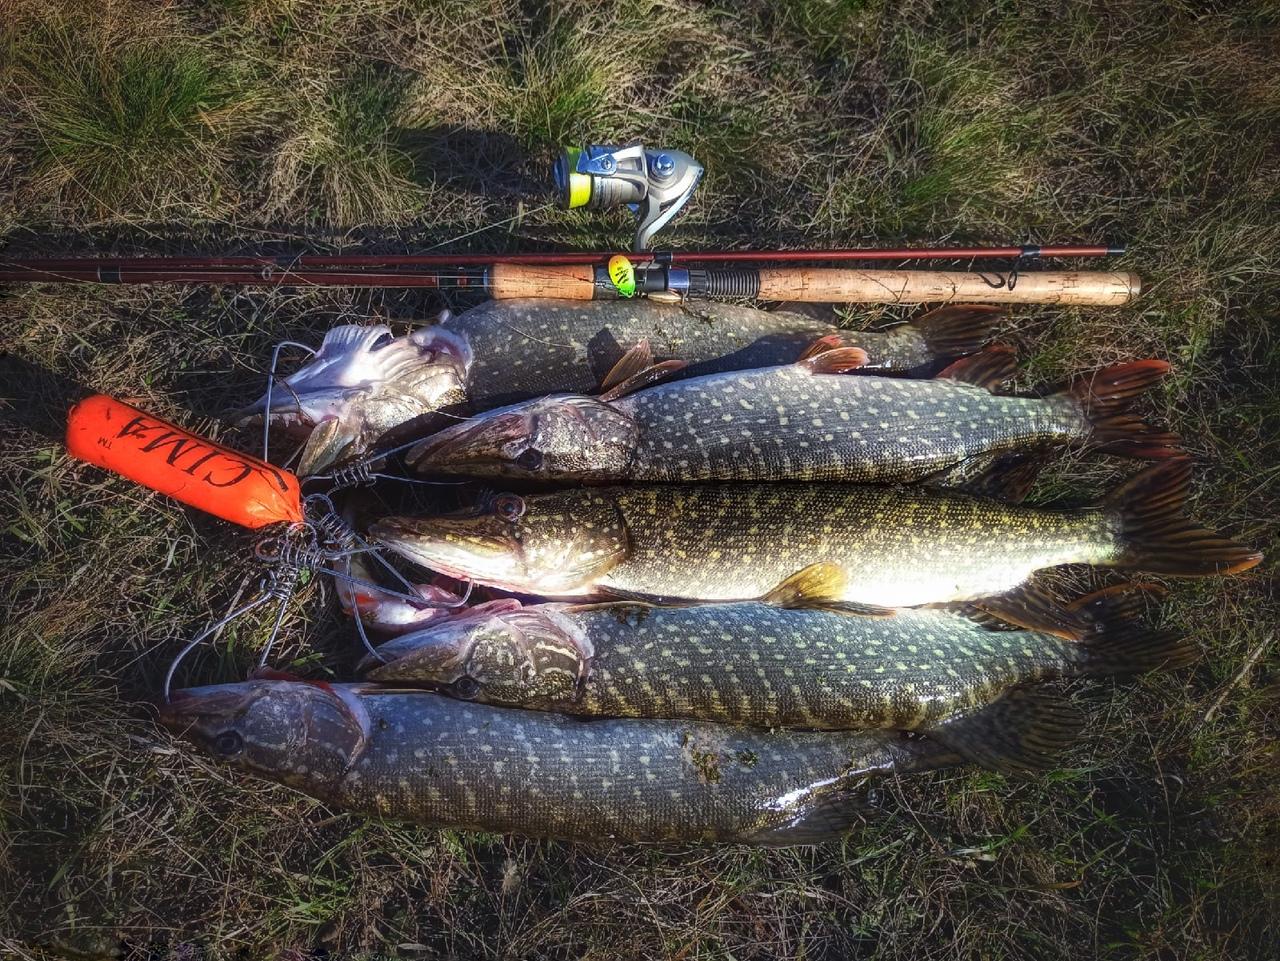 Отчет о рыбалке: Водоём #347675196 — Уваровский район — Центральный федеральный округ, Тамбовская область